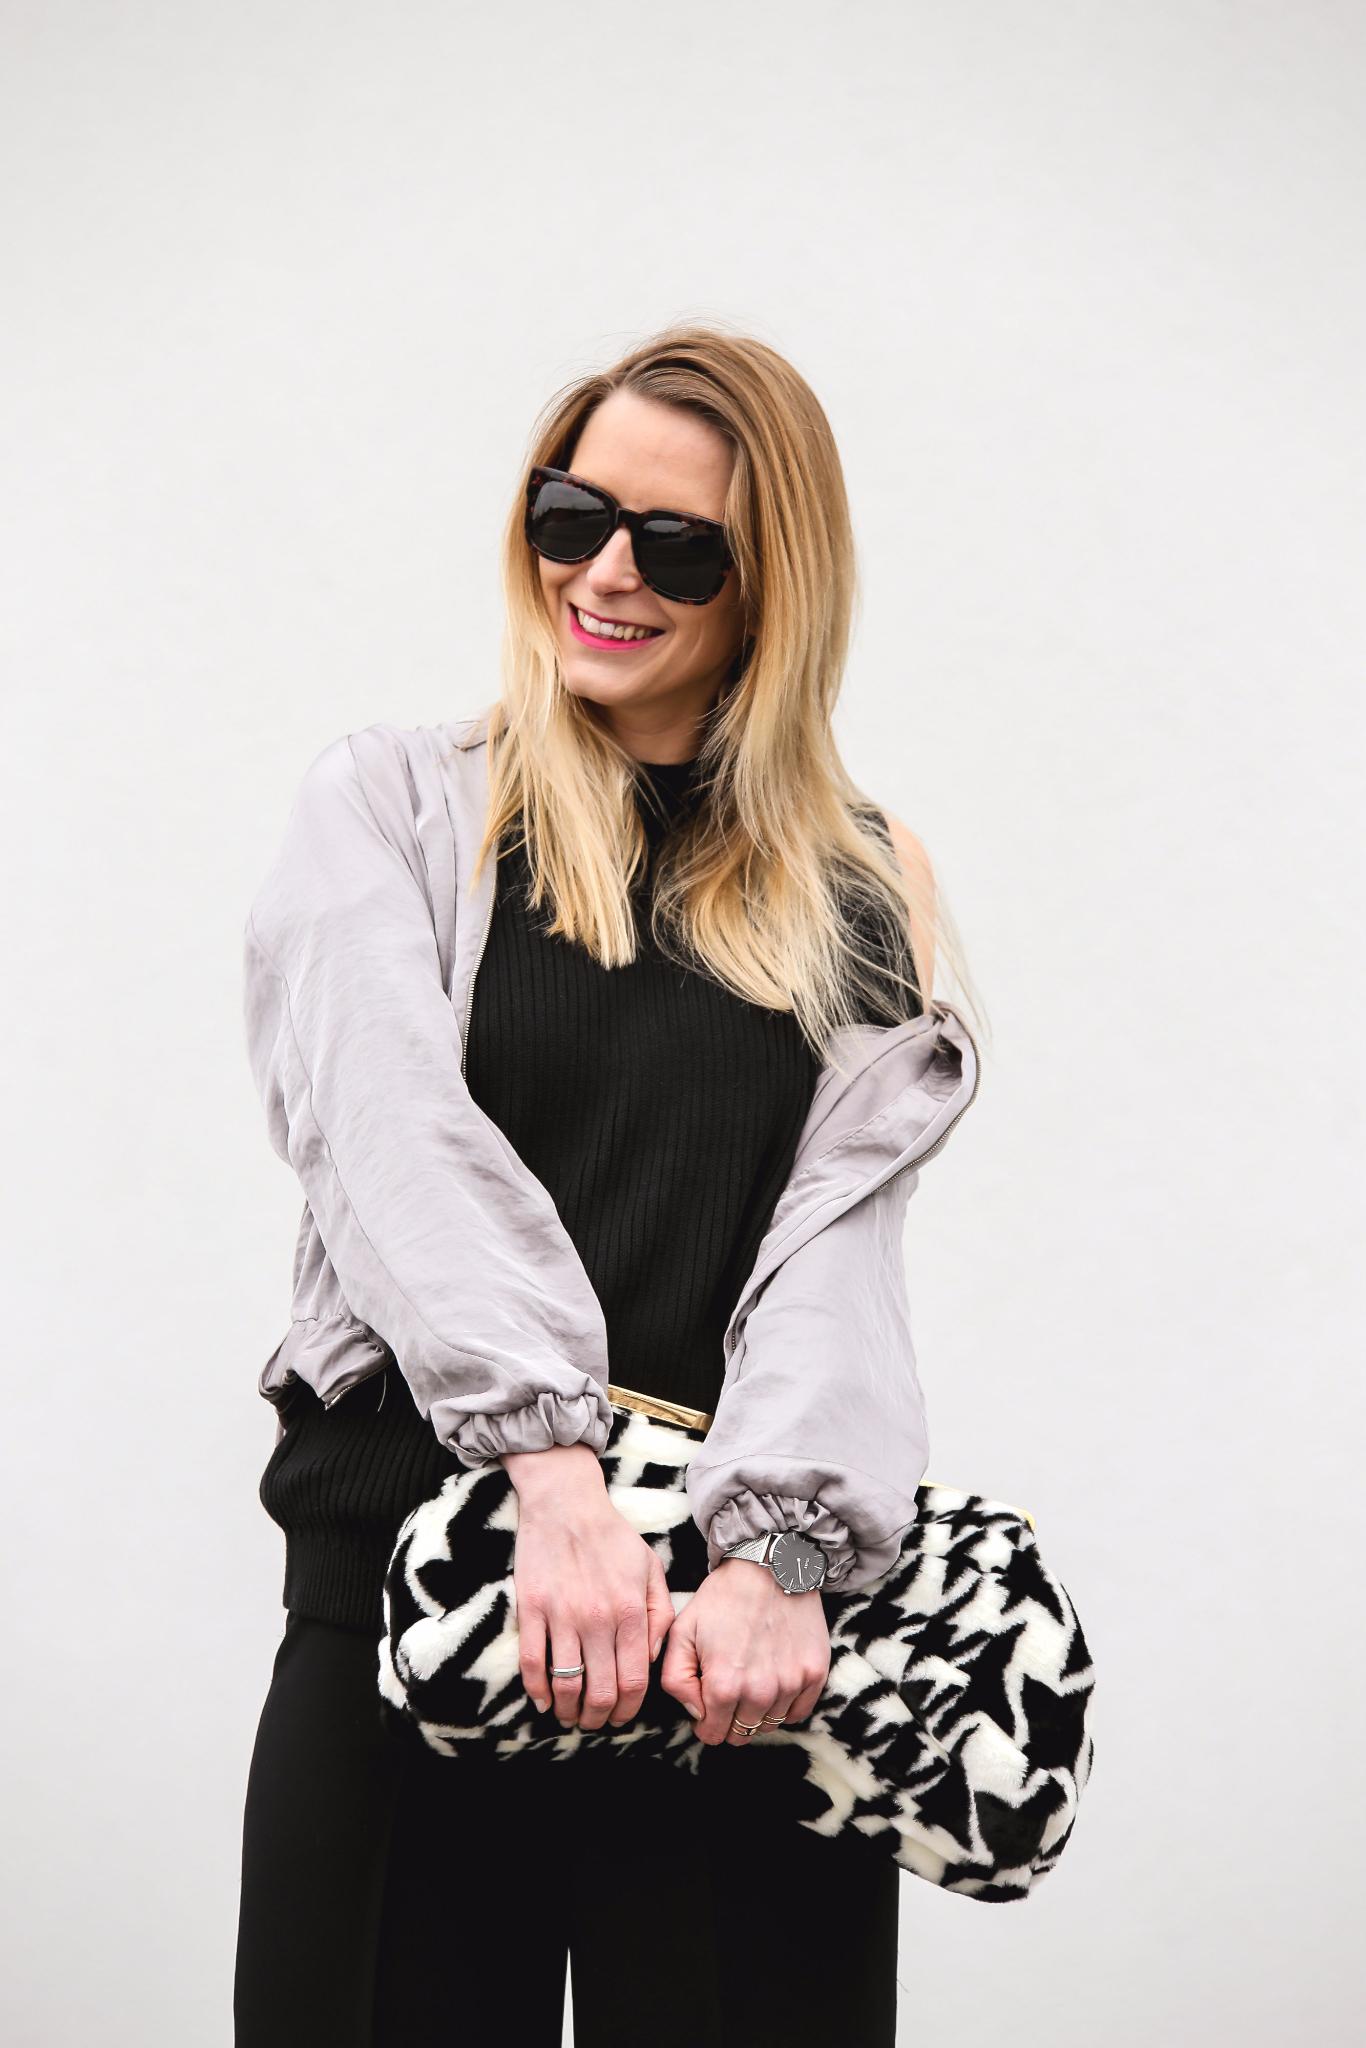 Fashion_Outfit_Satin_Bomber_Cold_Shoulder_MOD - by Monique-13_pix